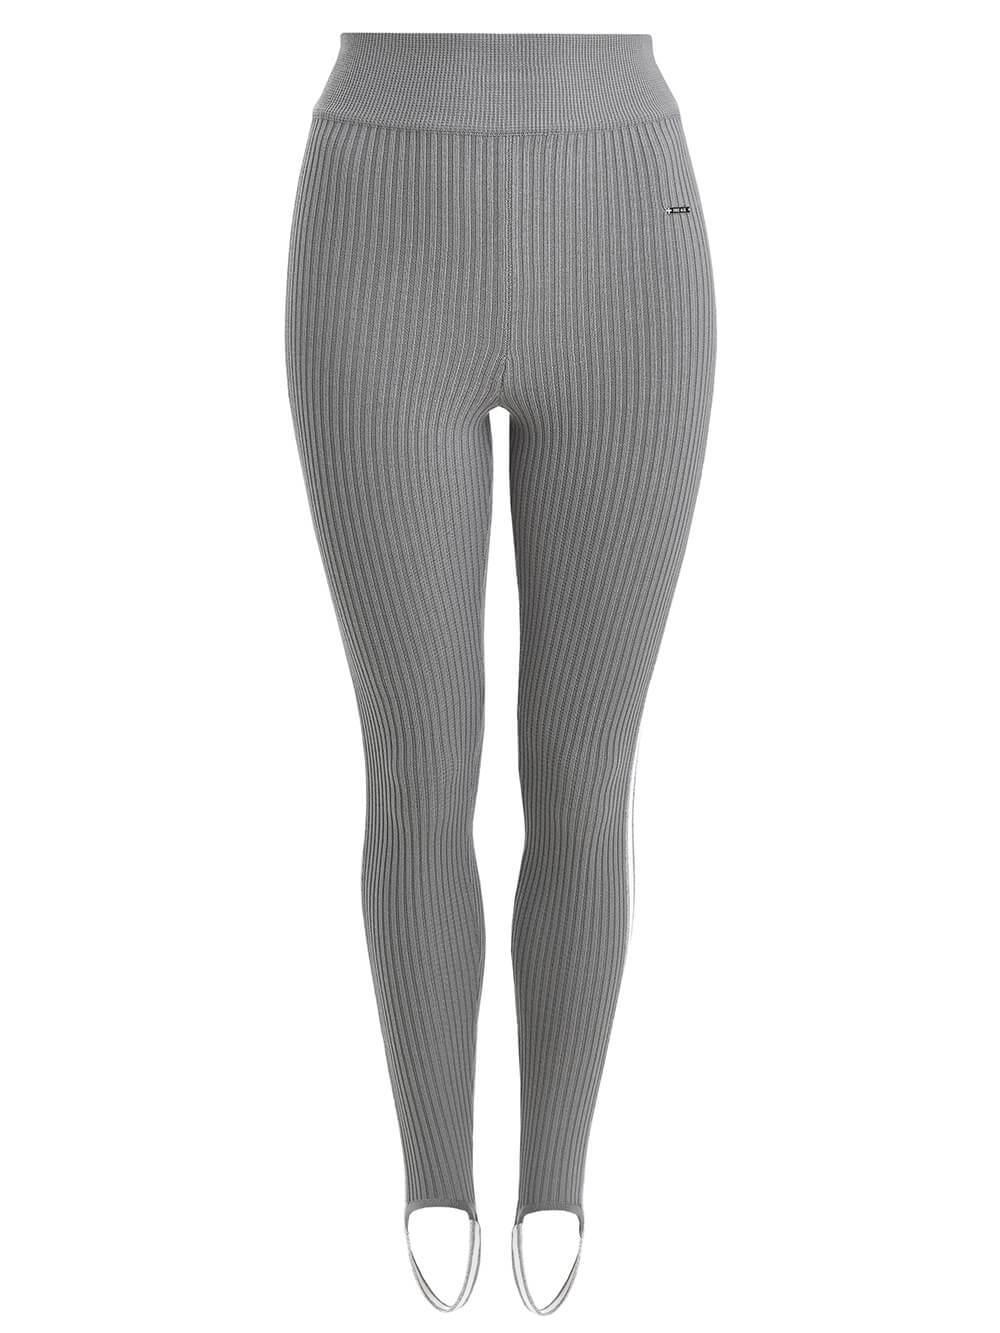 Женские брюки светло-серого цвета с контрастной полосой - фото 1